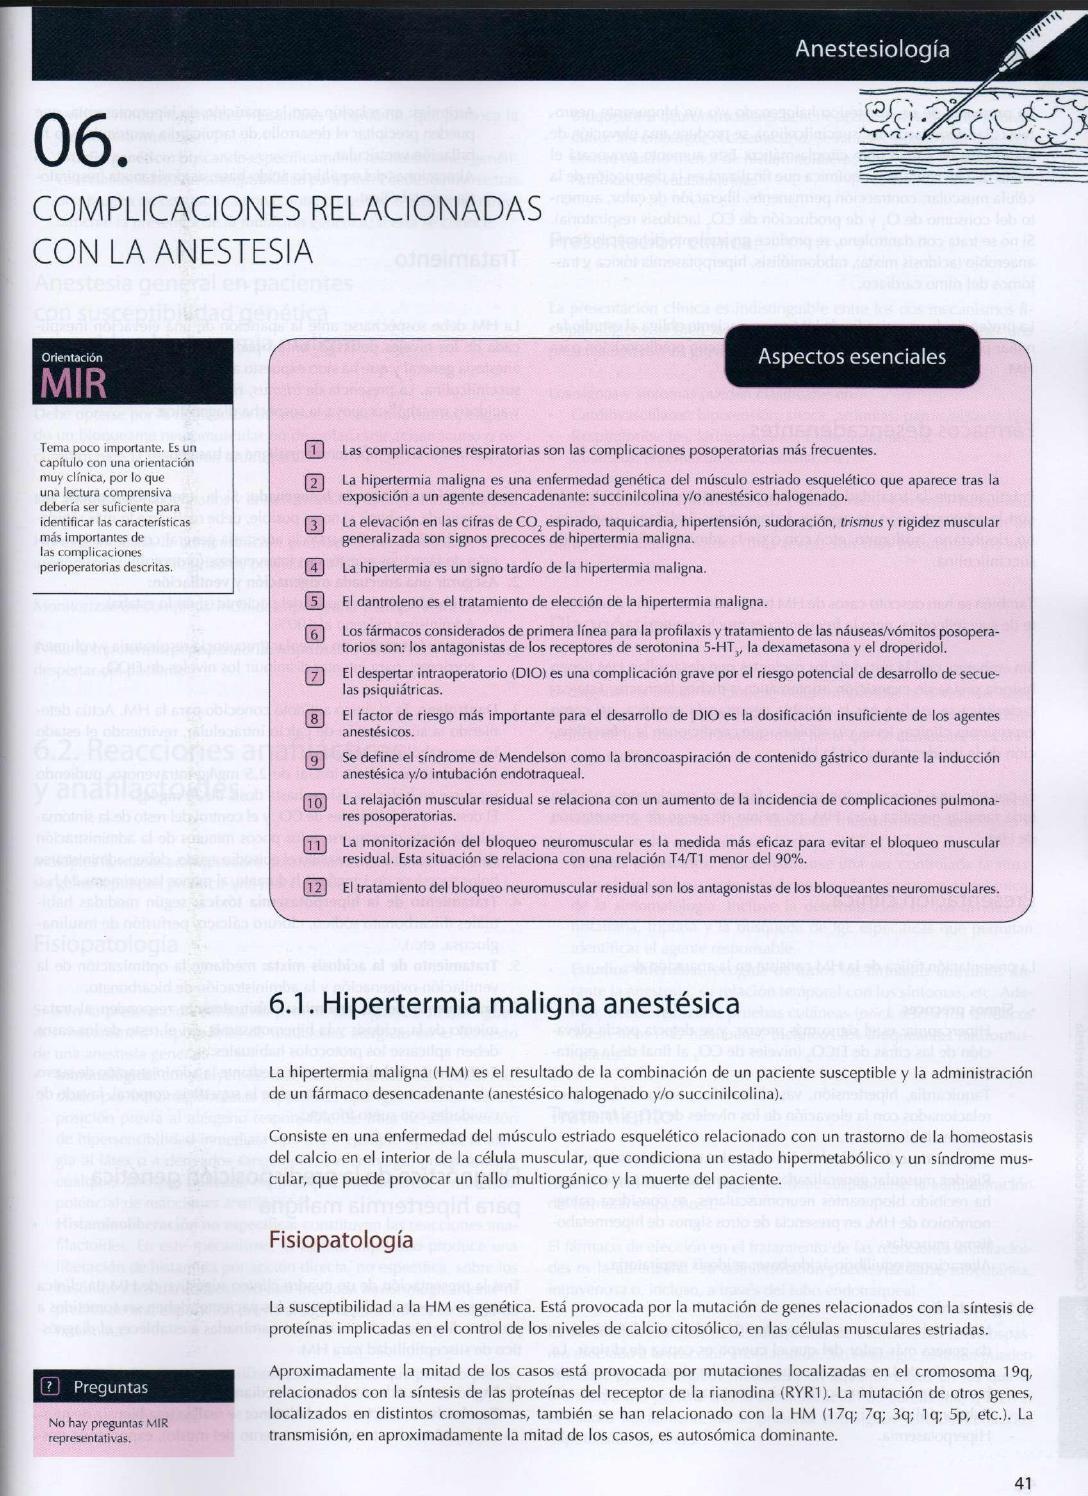 Hipertensión maligna y anestesia